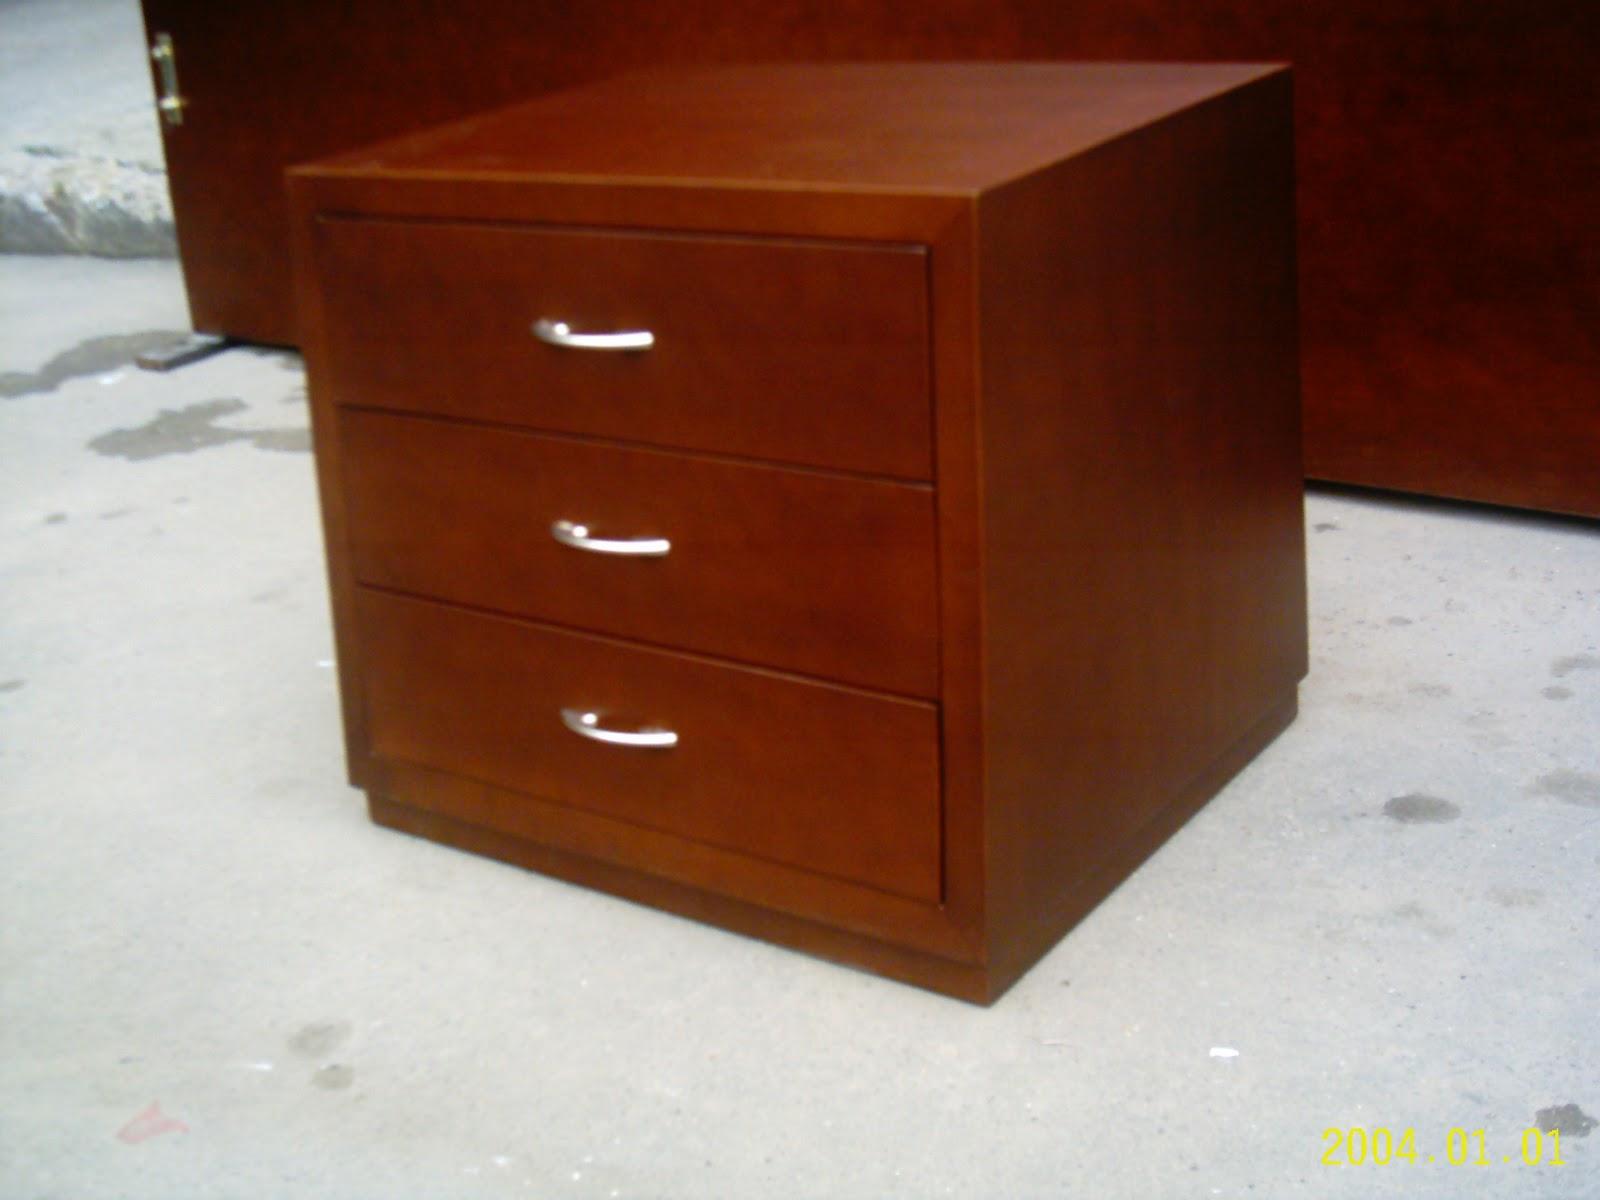 Mesas de noche de madera mesita de noche de madera de for Mesas de noche de madera